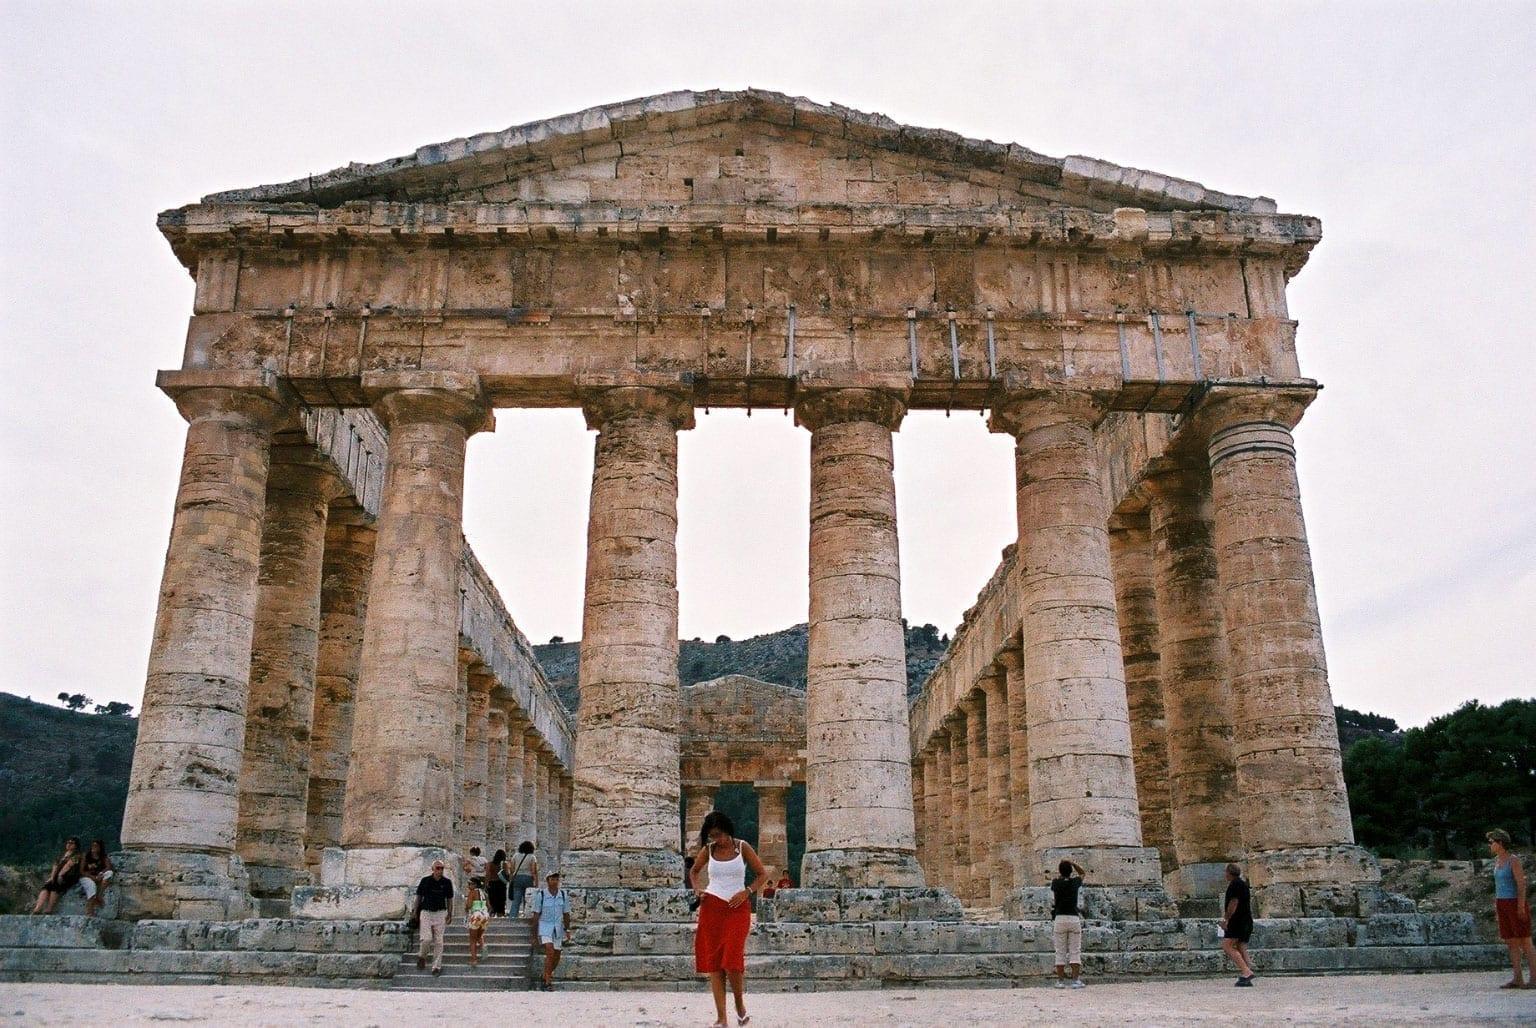 El templo de Segesta Balestrate Italia